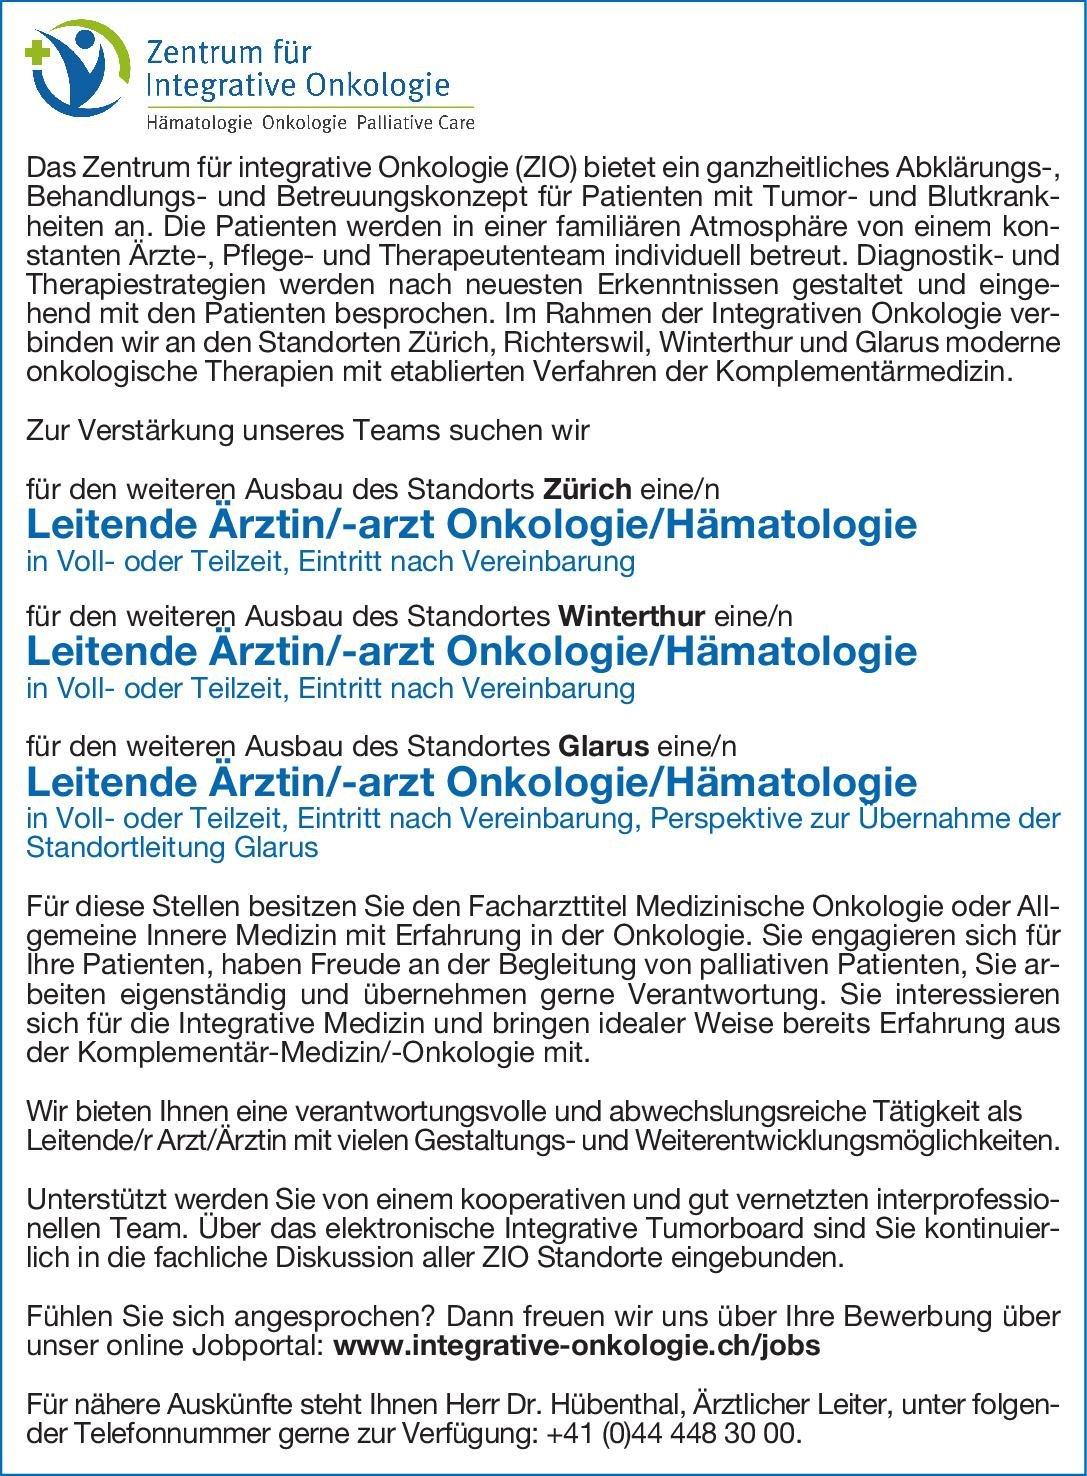 Zentrum für integrative Onkologie (ZIO) Leitende Ärztin/-arzt Onkologie/Hämatologie  Innere Medizin und Hämatologie und Onkologie, Innere Medizin Arzt / Facharzt, Ärztl. Leiter